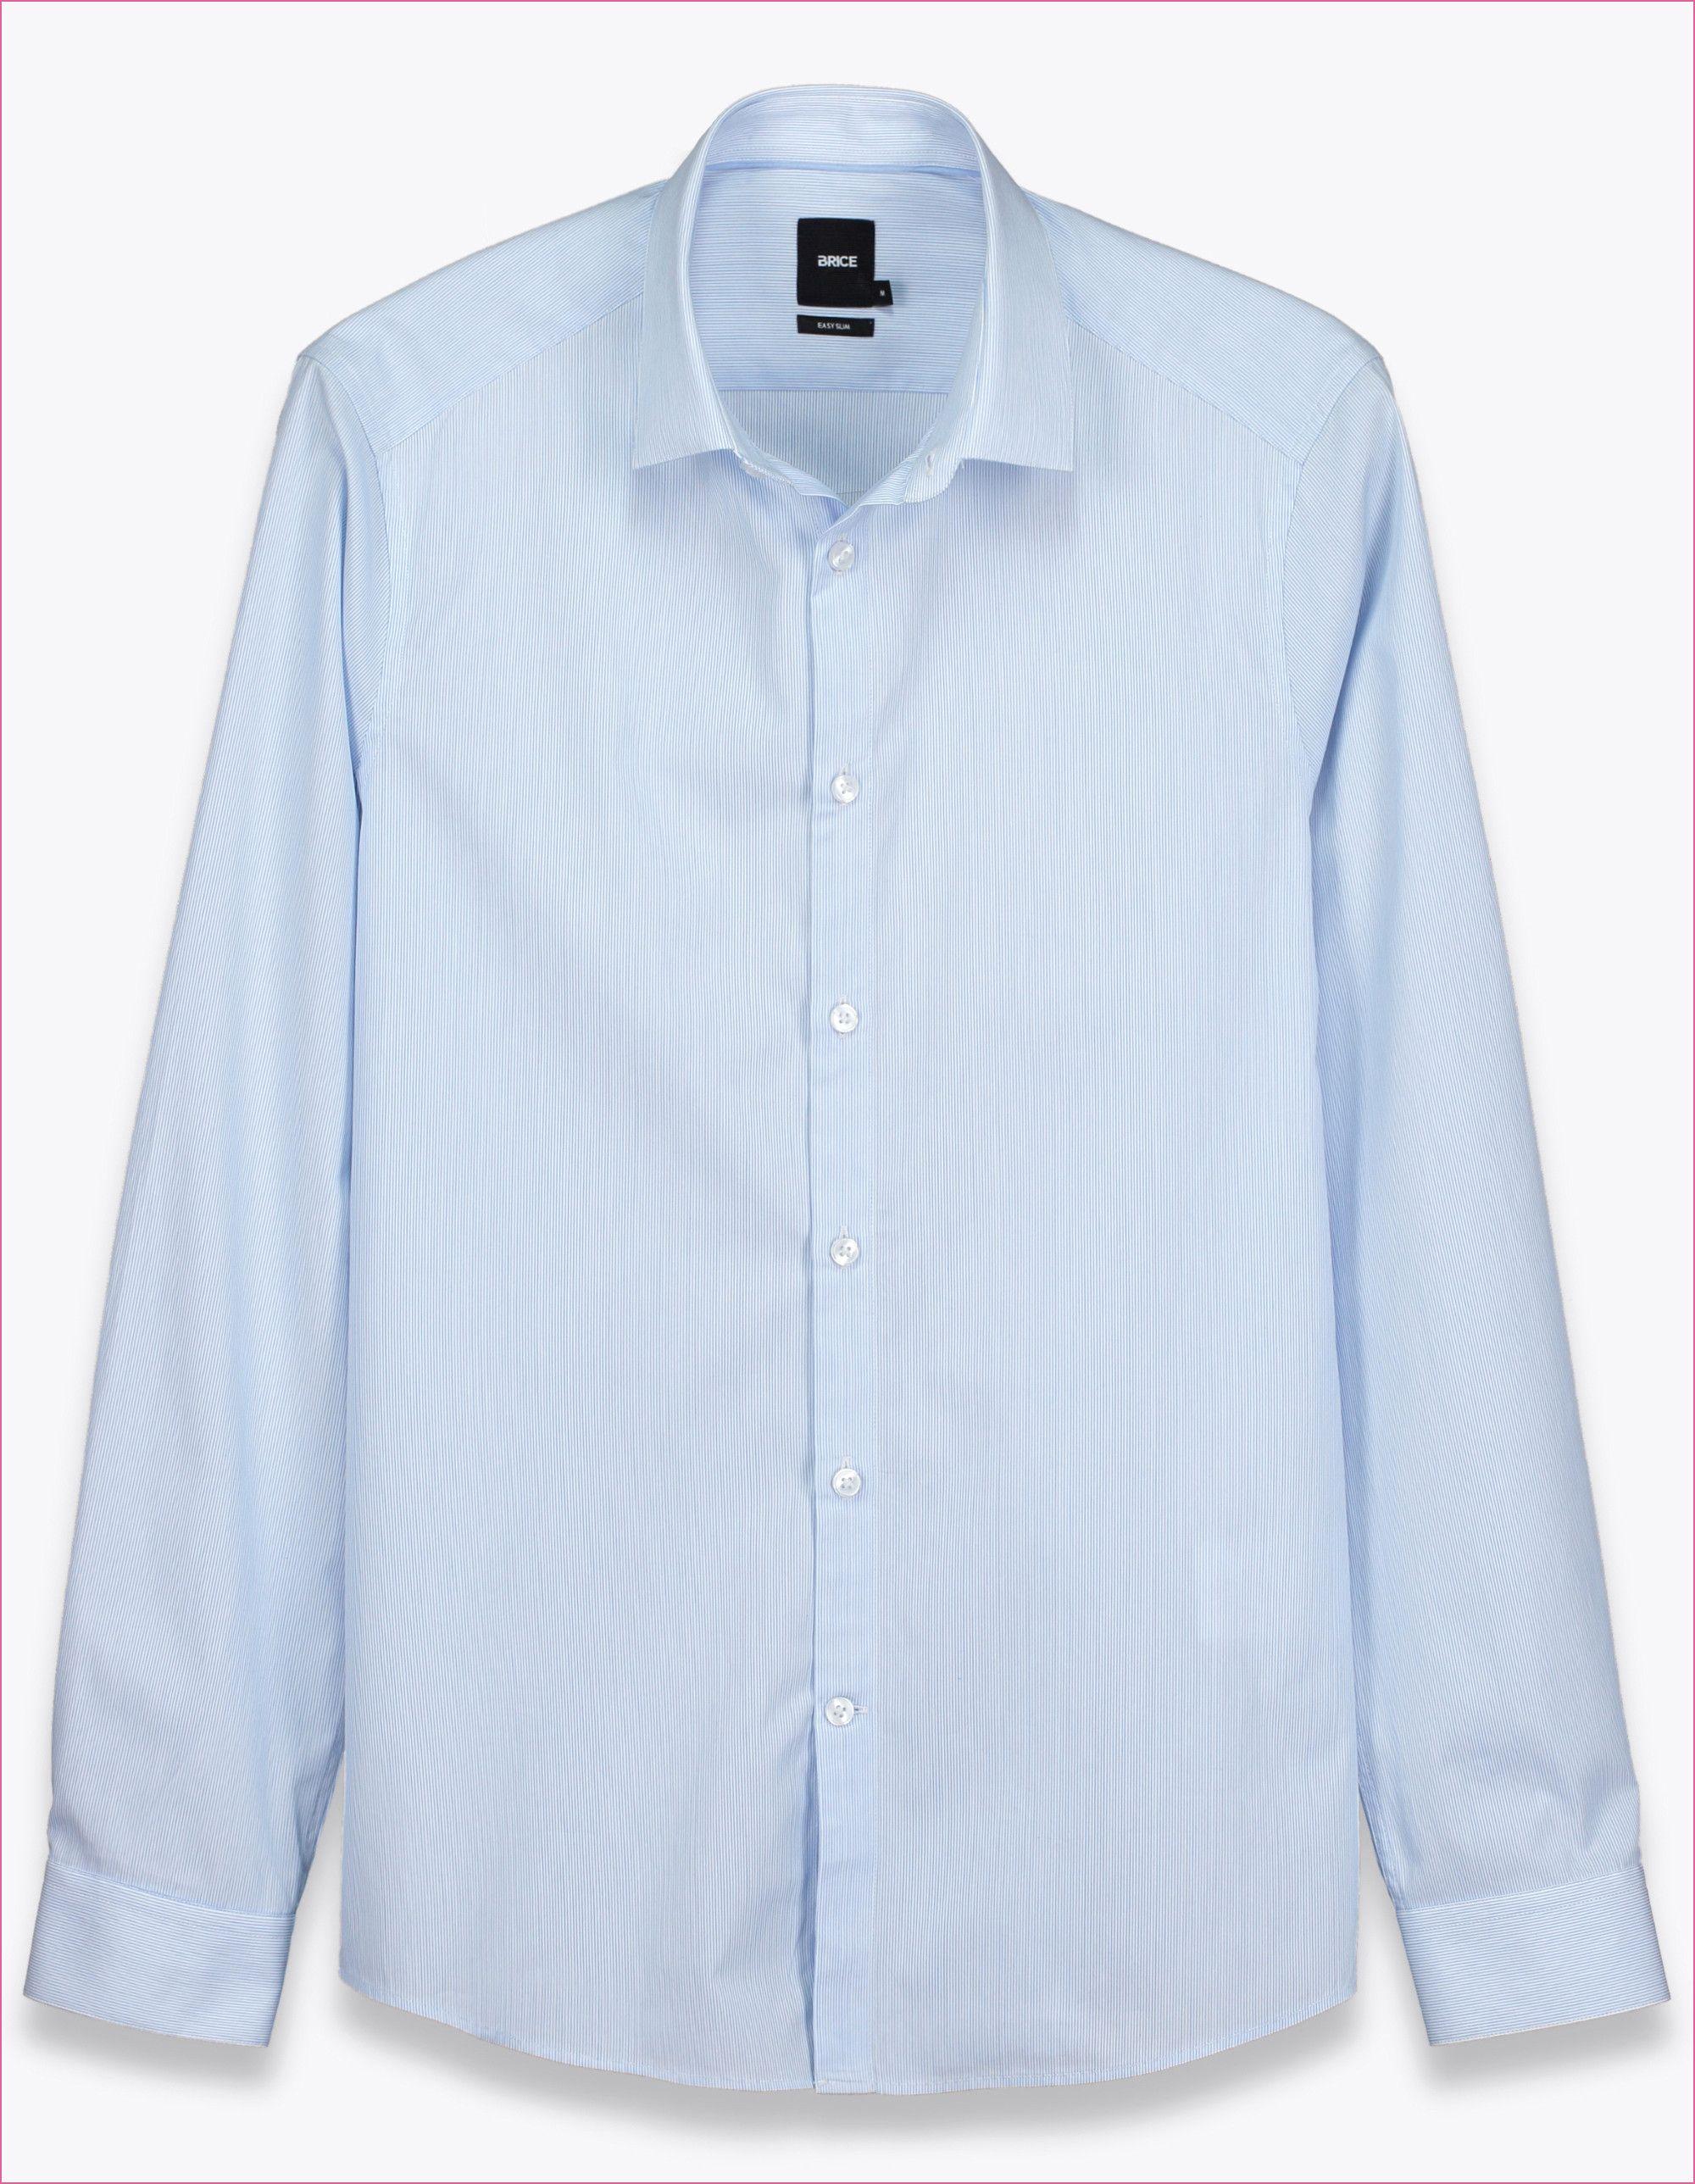 Esprit Kleid Lang Blau  Business kleider, Kleider, Businesskleider